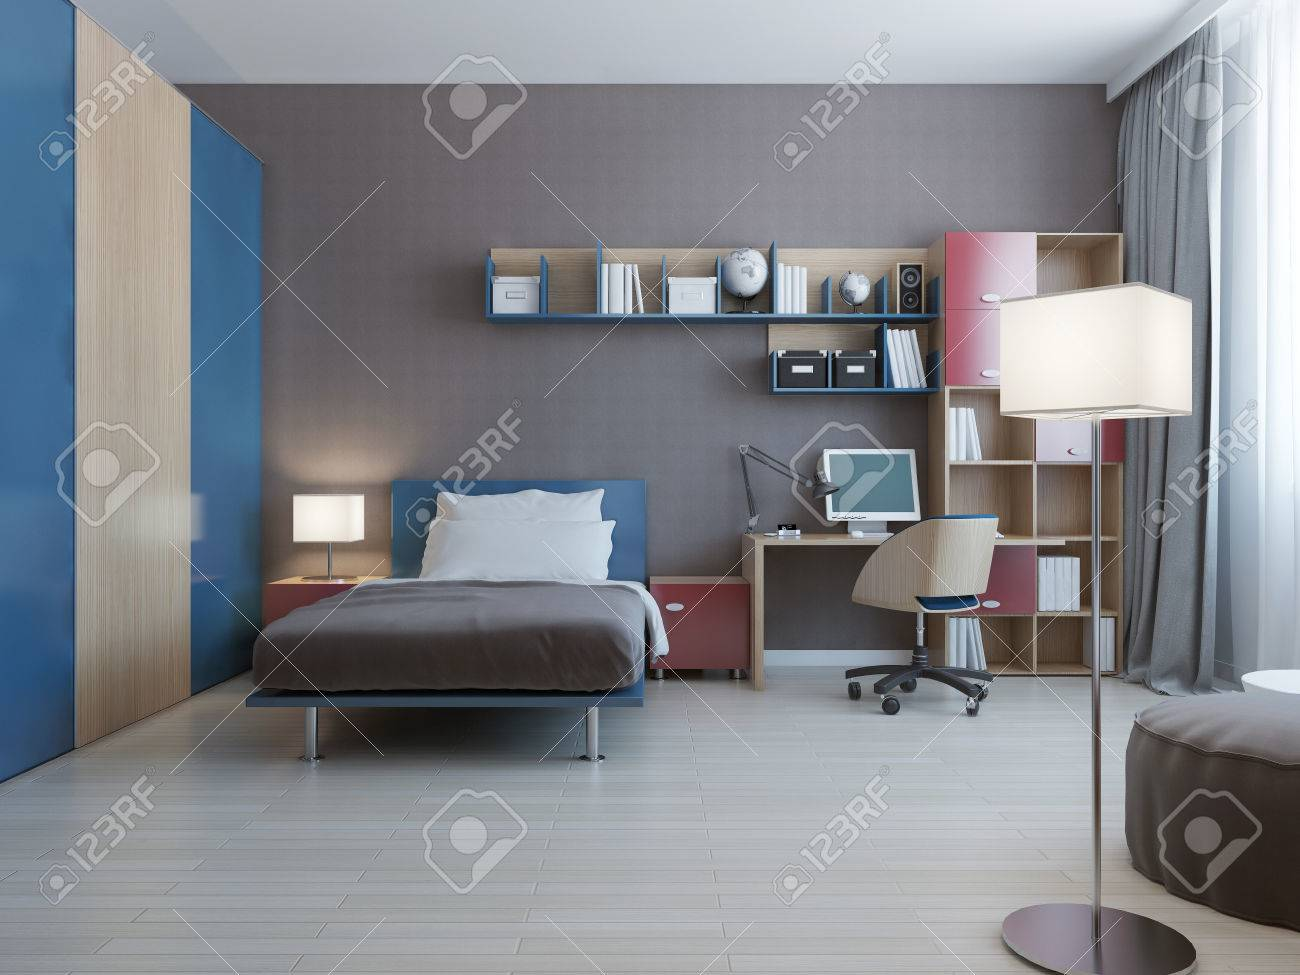 Pareti camere da letto moderne : colori pareti camera da letto ...